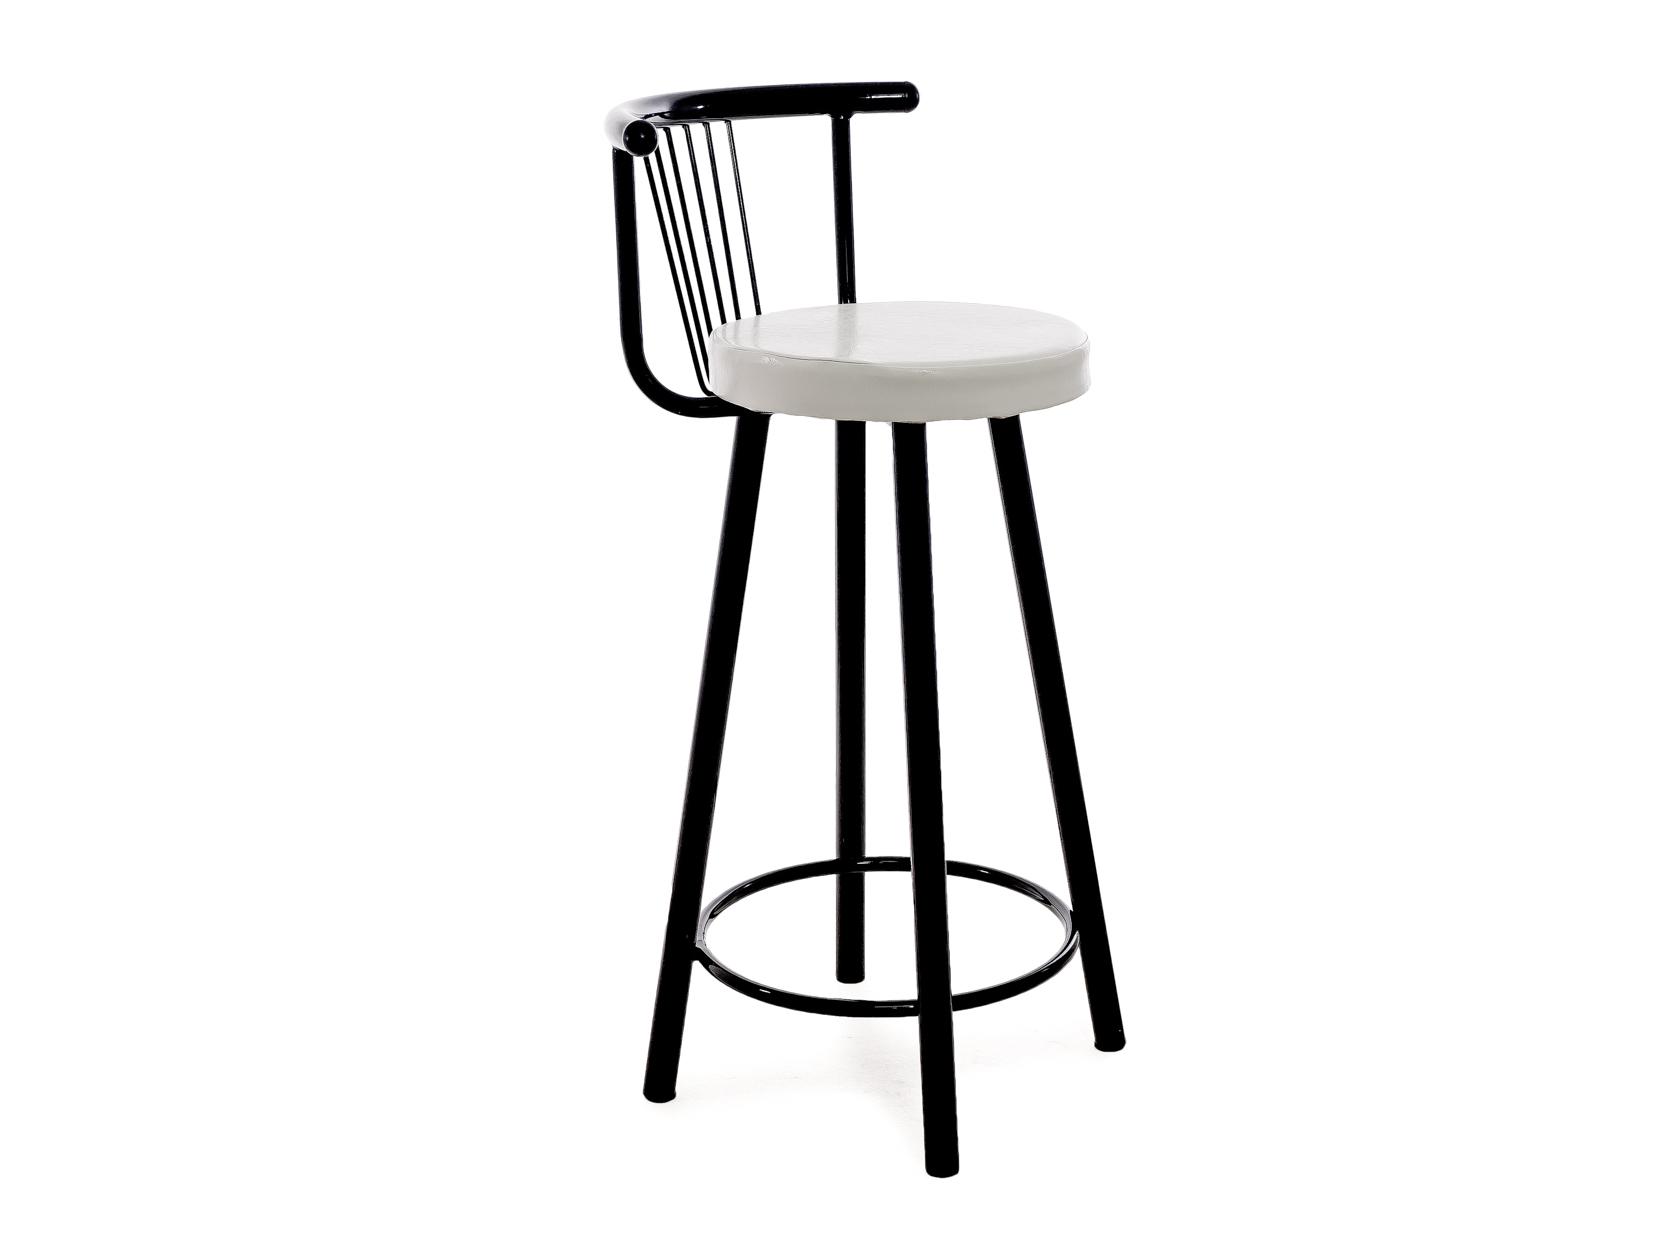 Мягкий барный стул для кухни 149-16119